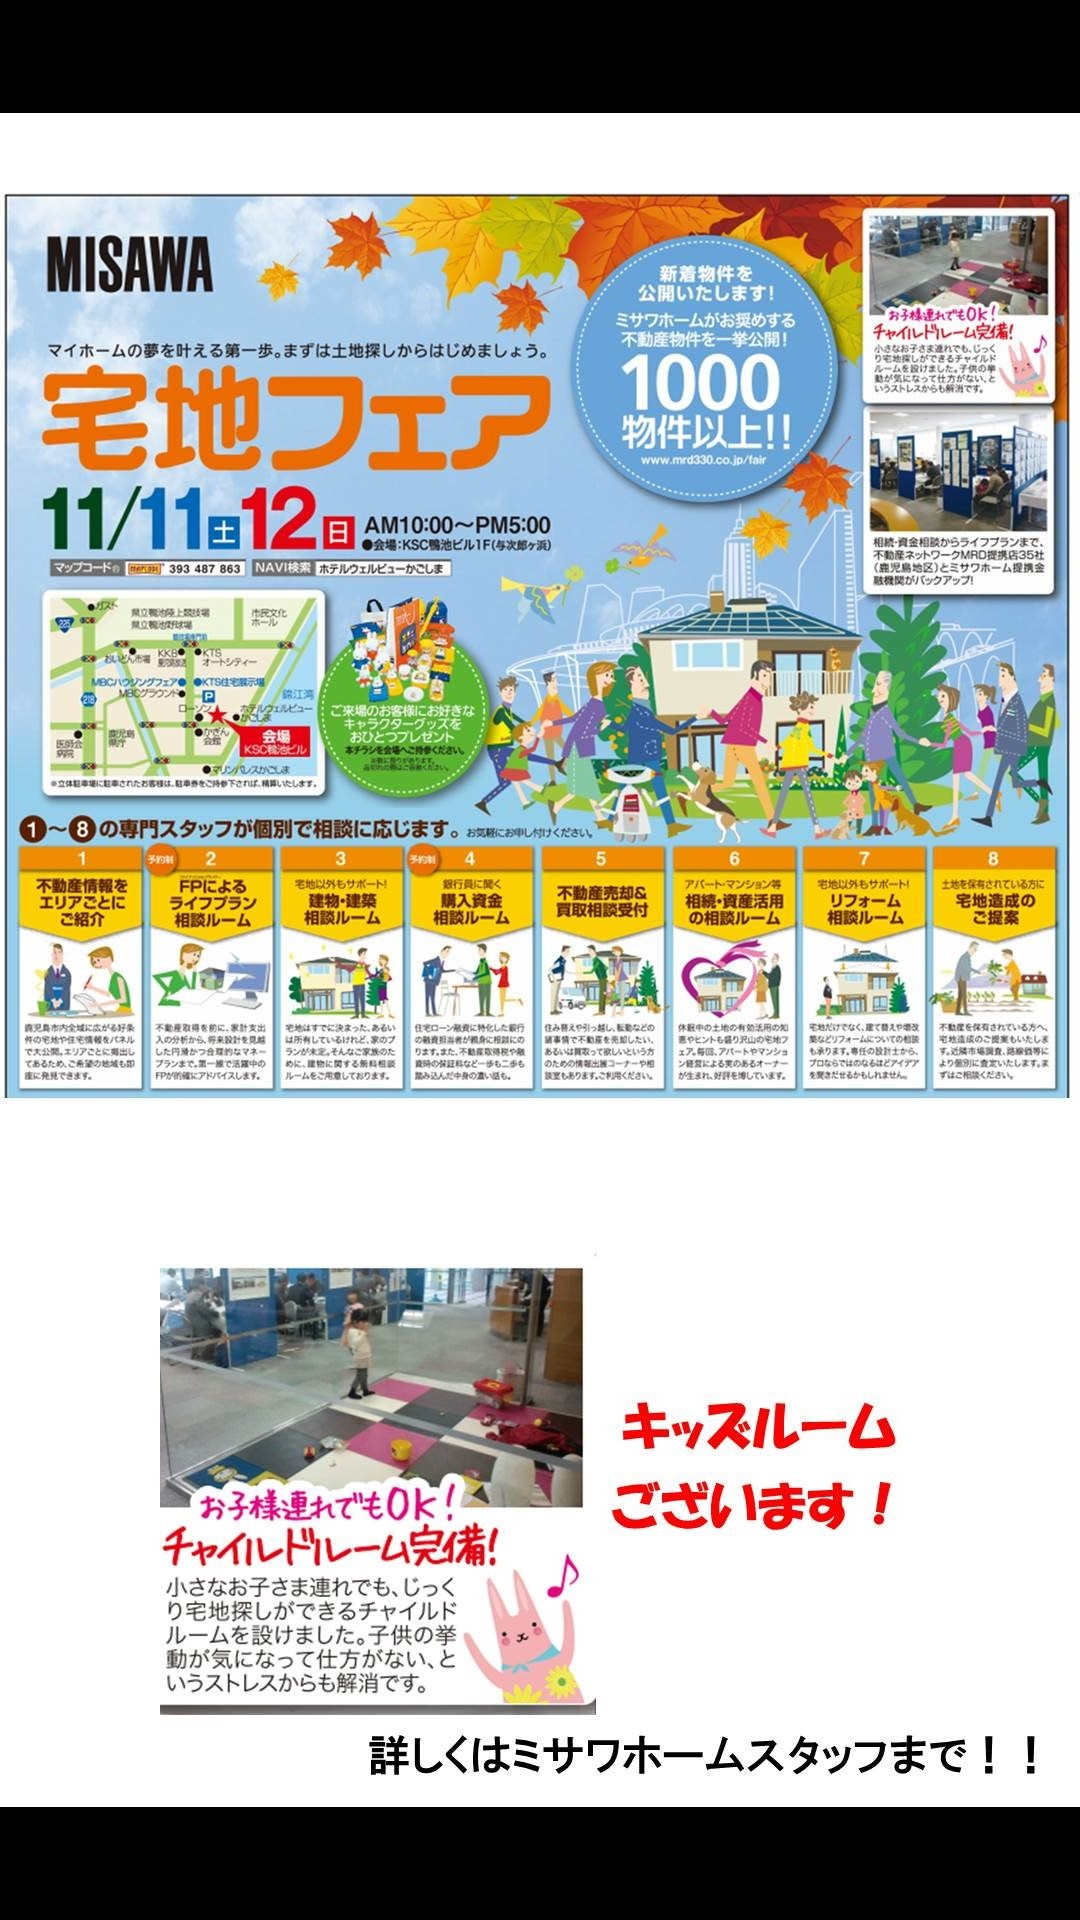 11.11.12takutifea .jpg